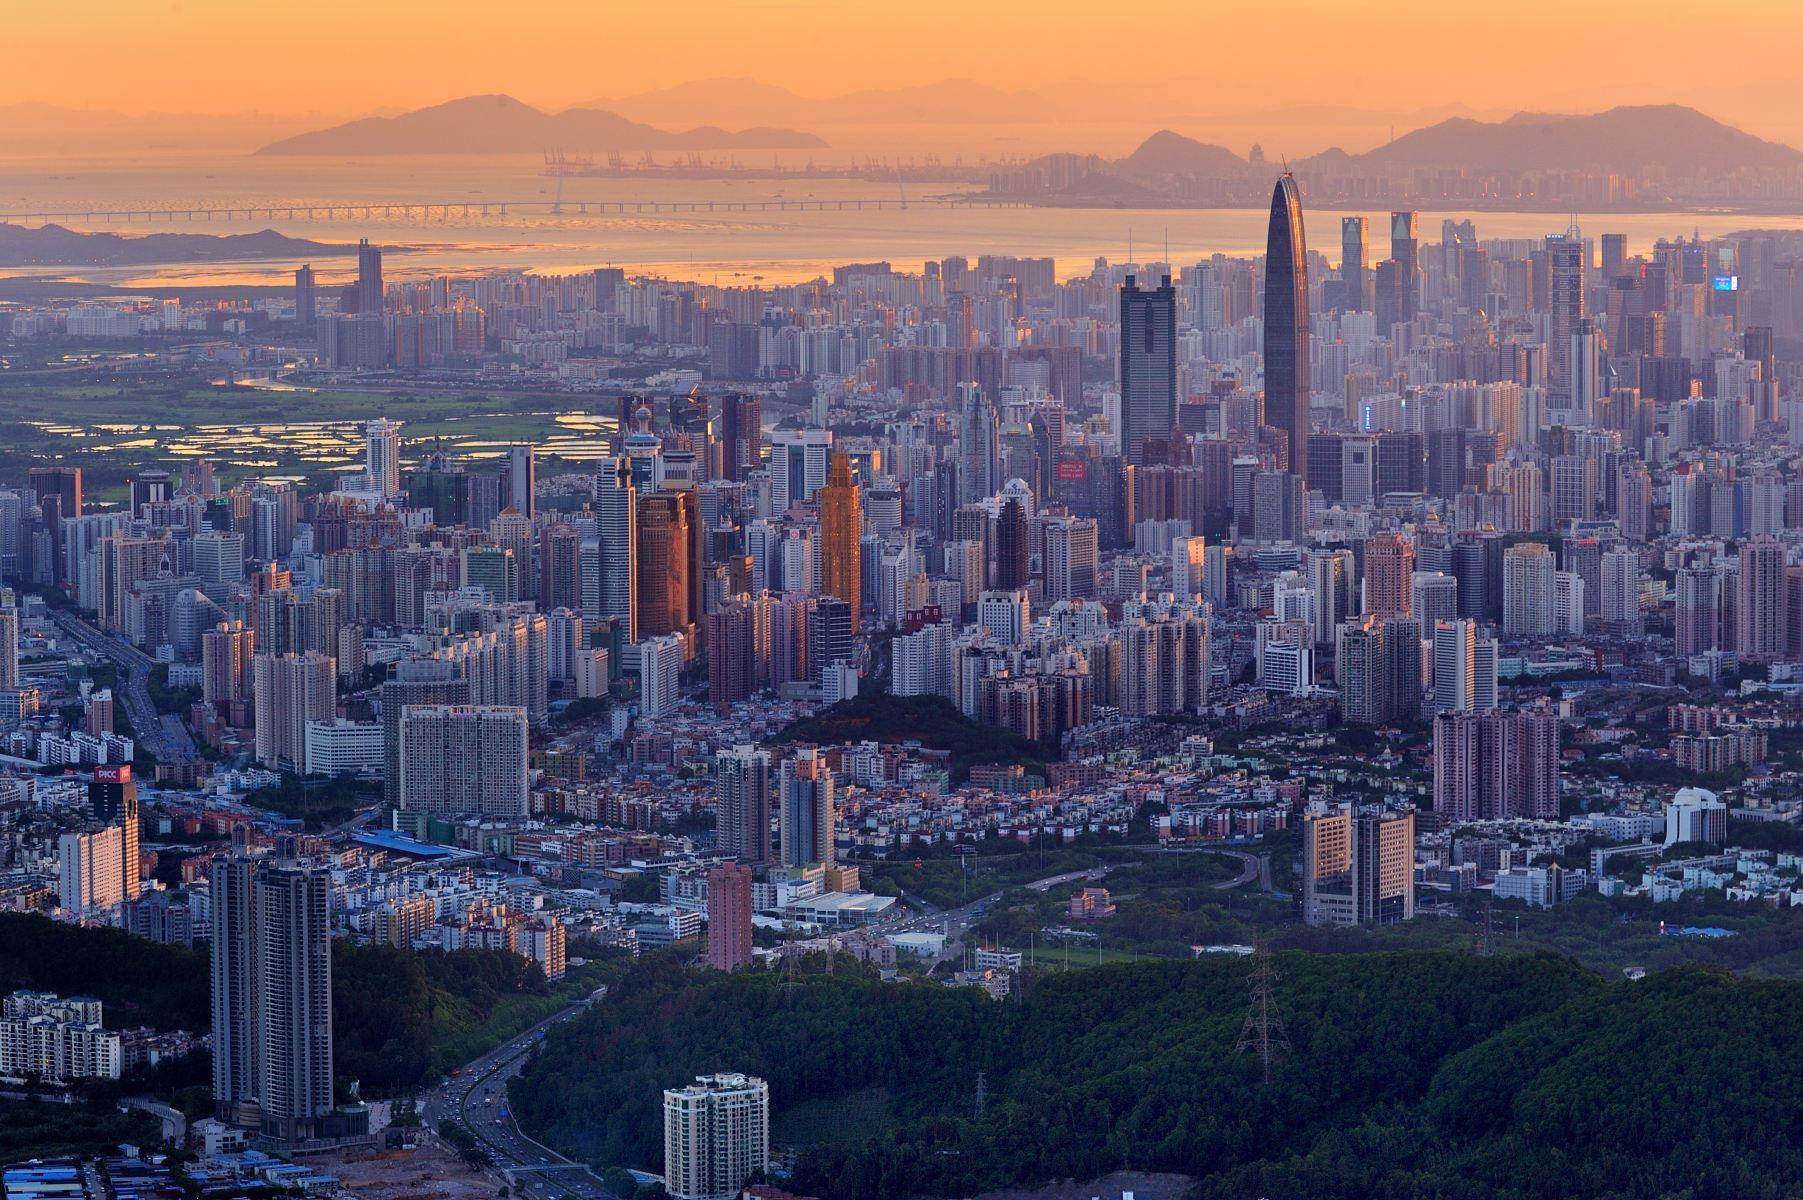 深圳 2019 gdp_鹏城深圳的2019年gdp出炉,在广东省内排名第几